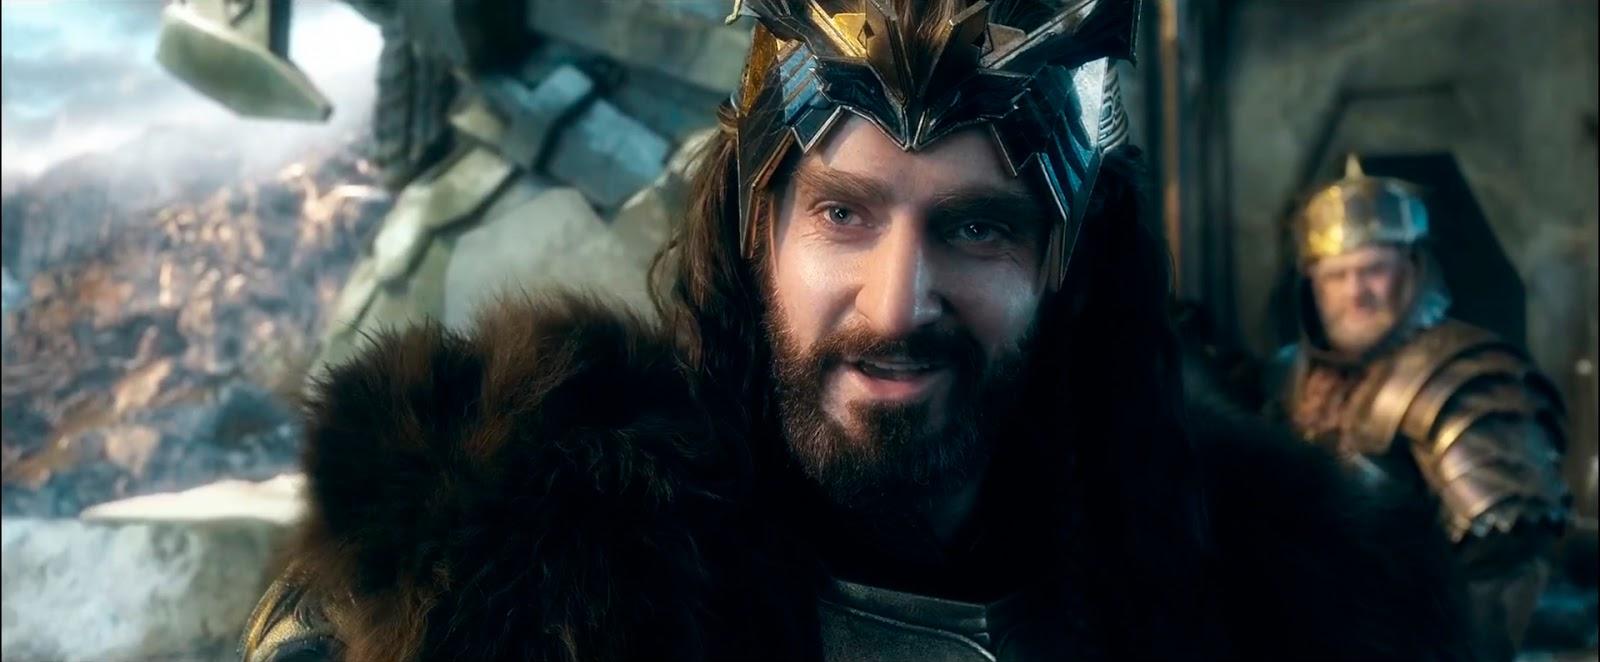 El Hobbit 3: La Batalla 5 ejércitos HD 1080p Latino captura 2